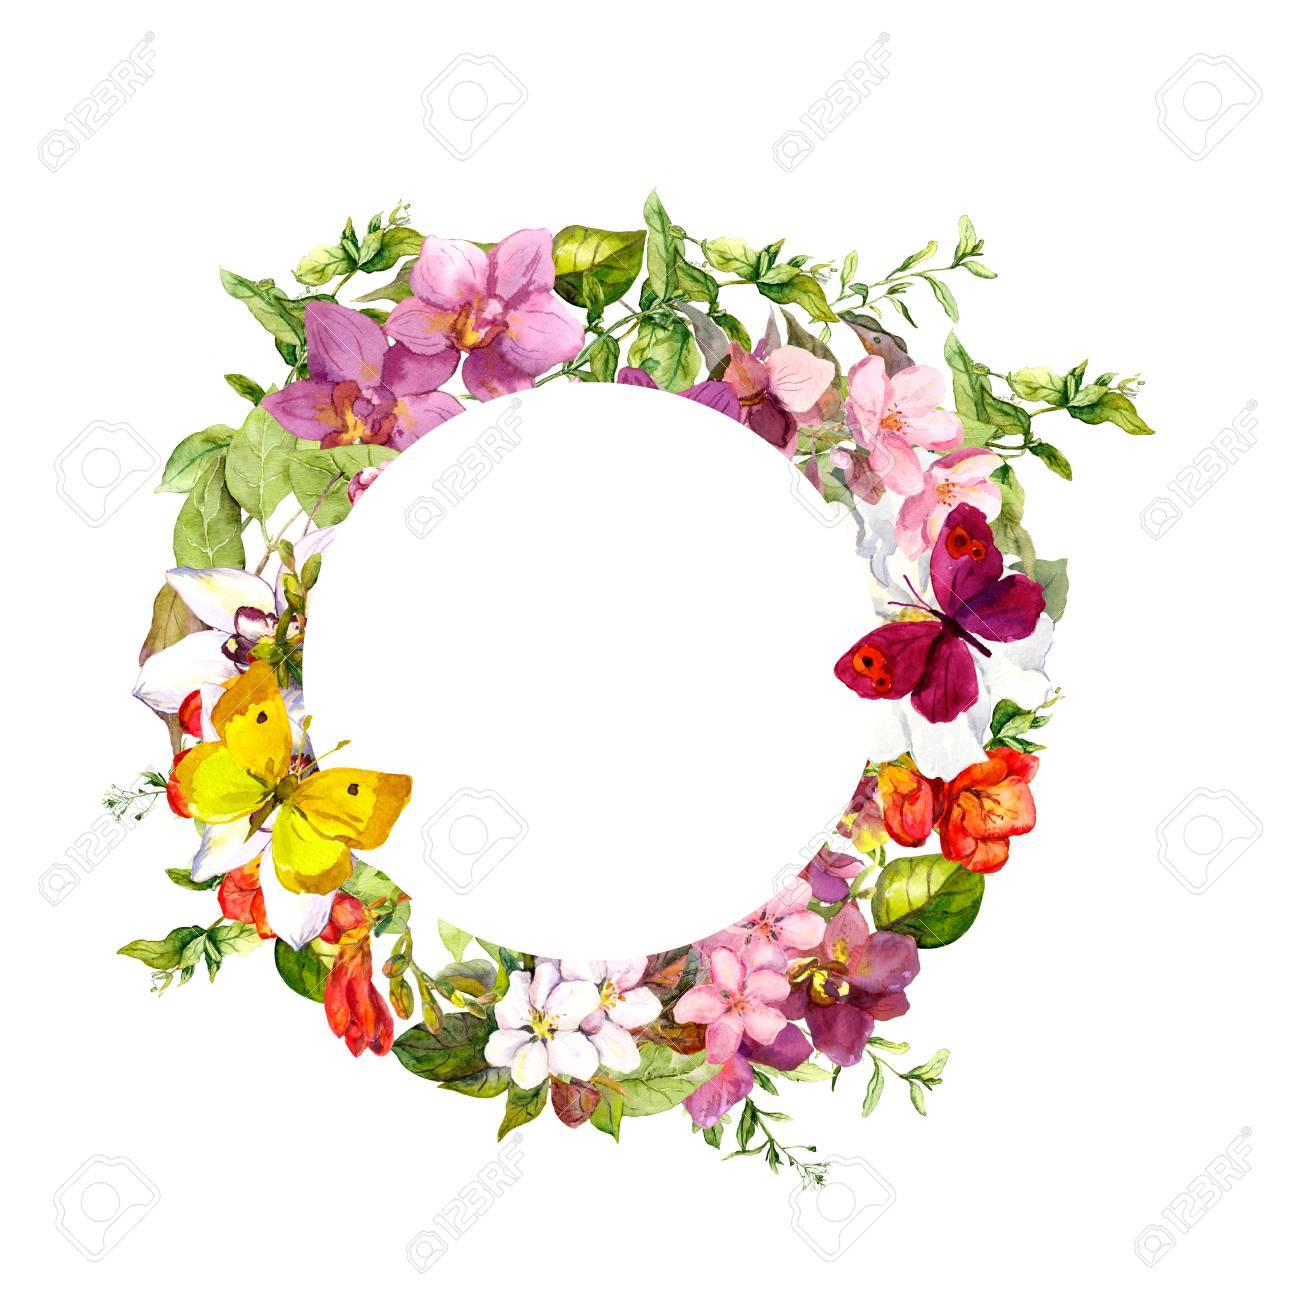 Mariposas En Las Flores. Círculo De La Corona De Flores. Acuarela ...